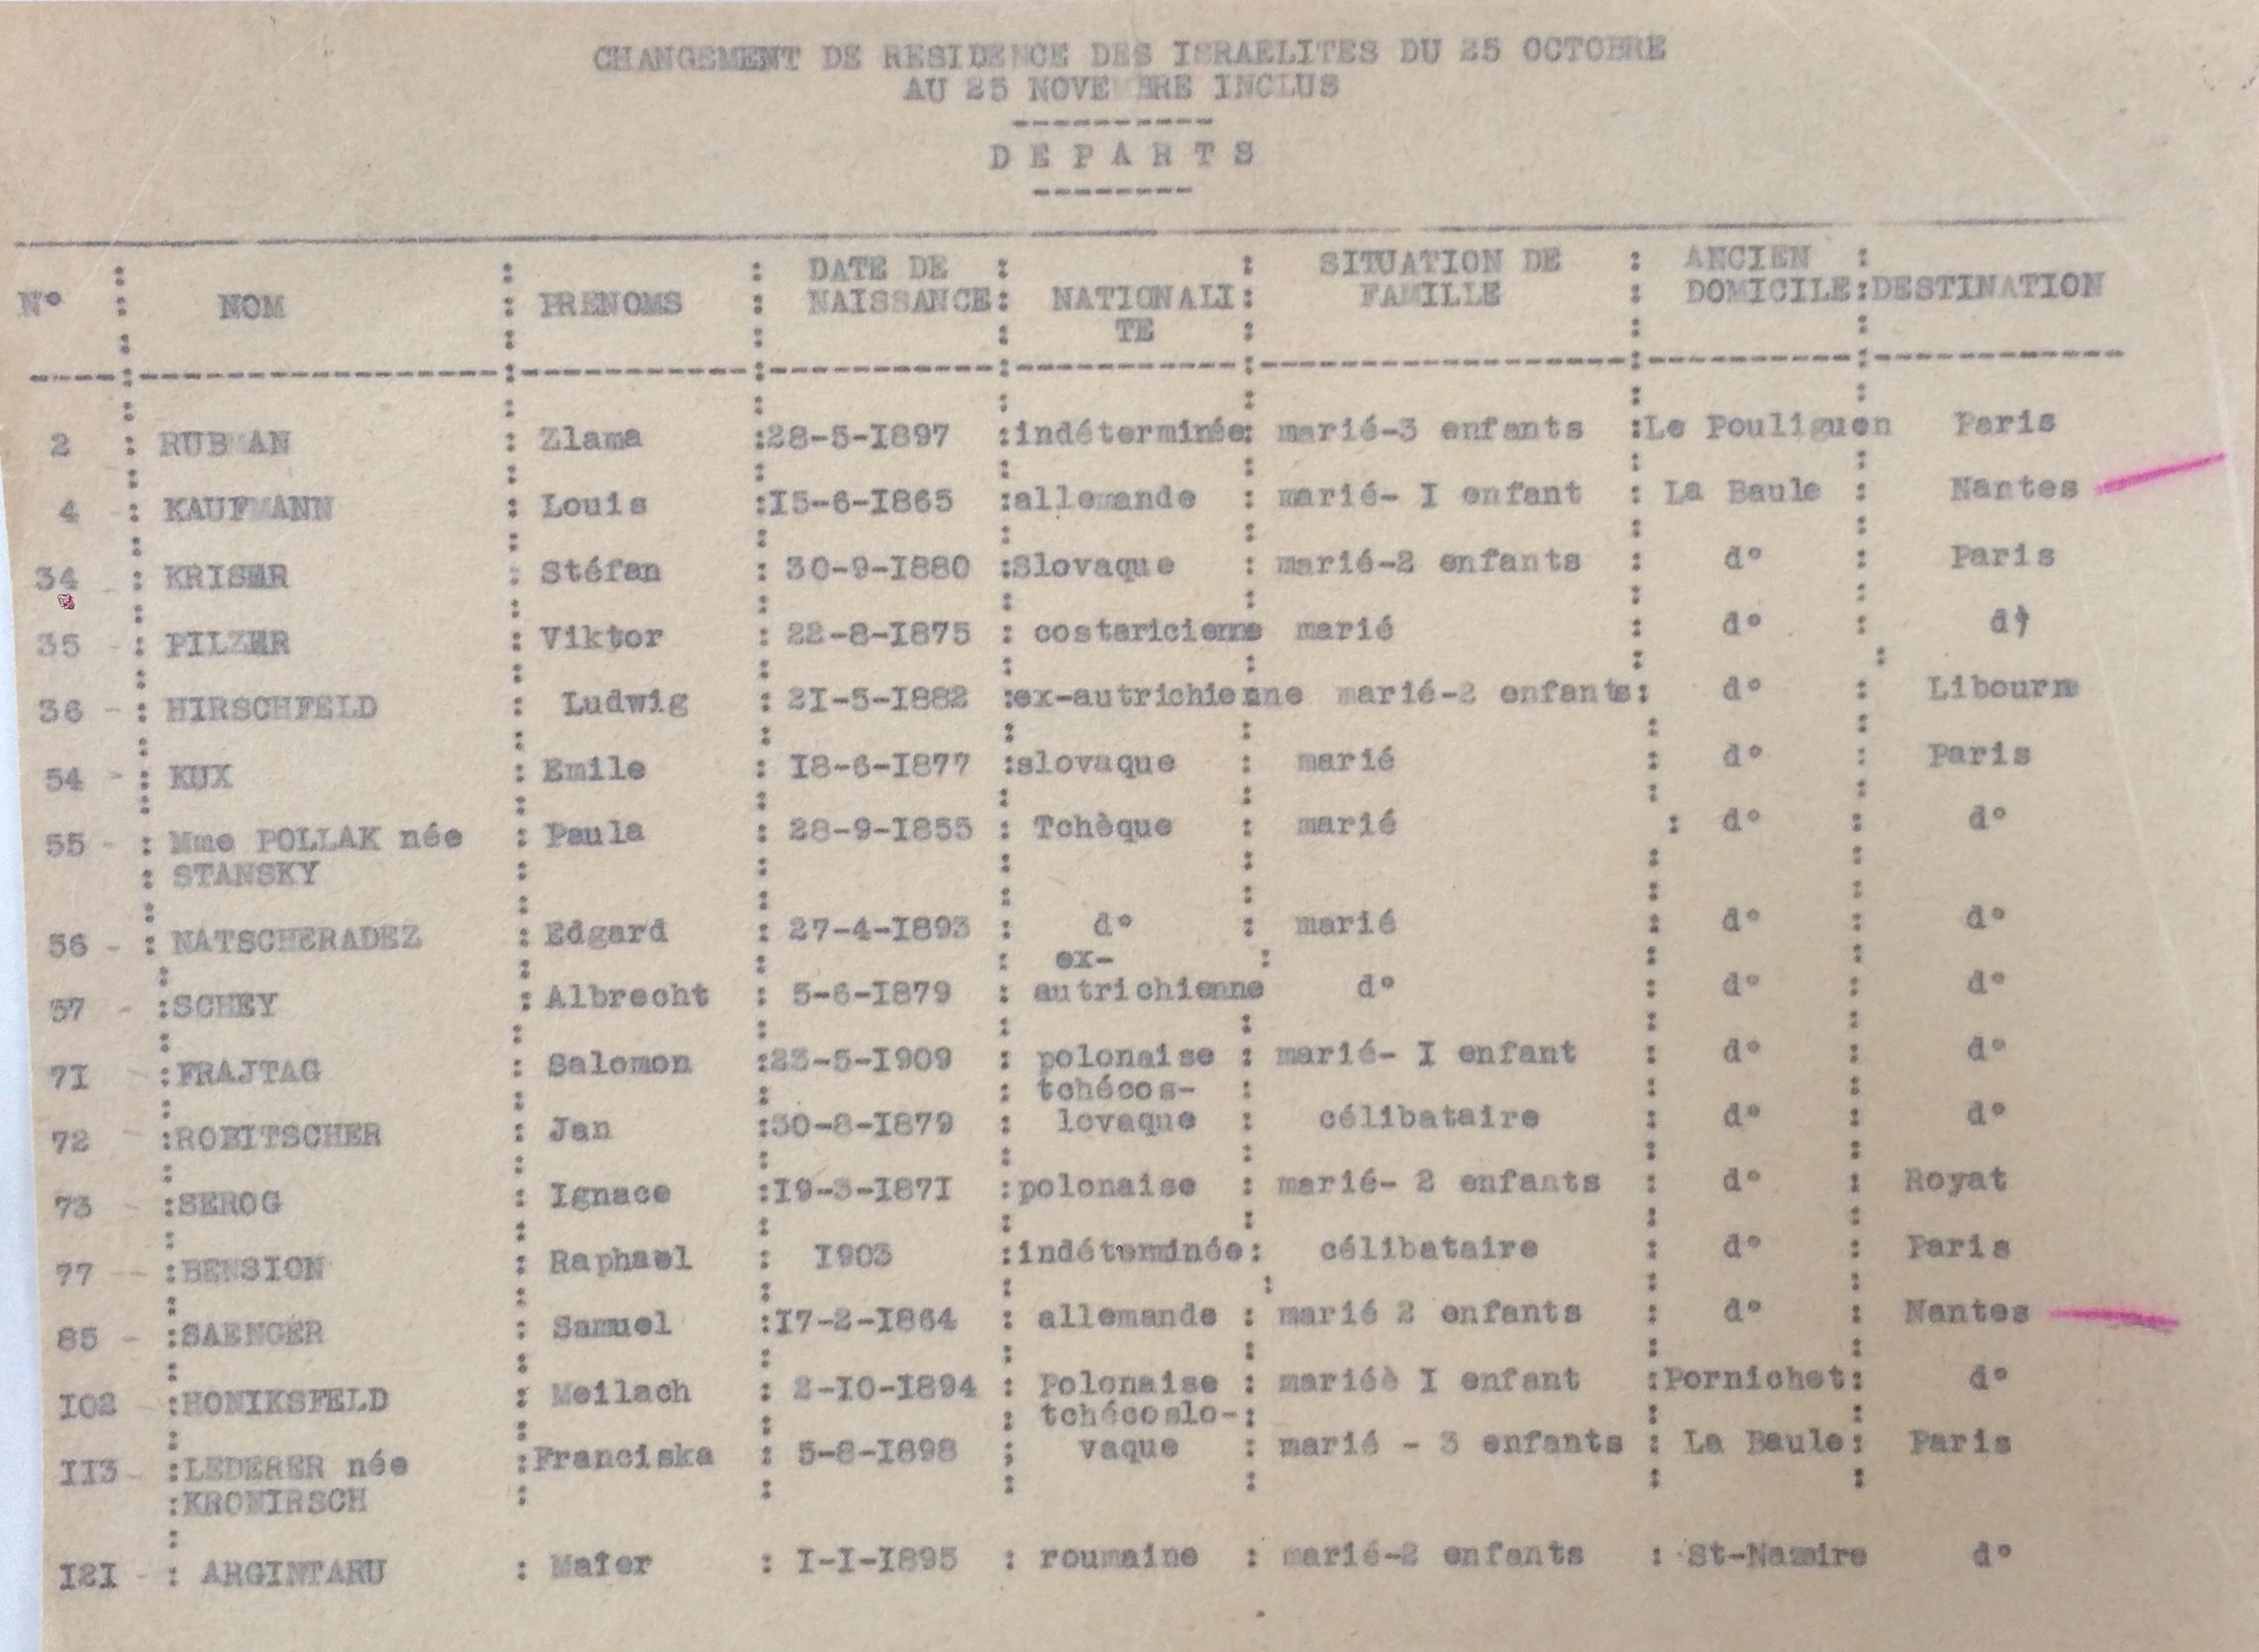 Etat de changement de résidence des Juifs de l'arrondissement de Saint-Nazaire novembre 1940 [ADLA 1694W25]